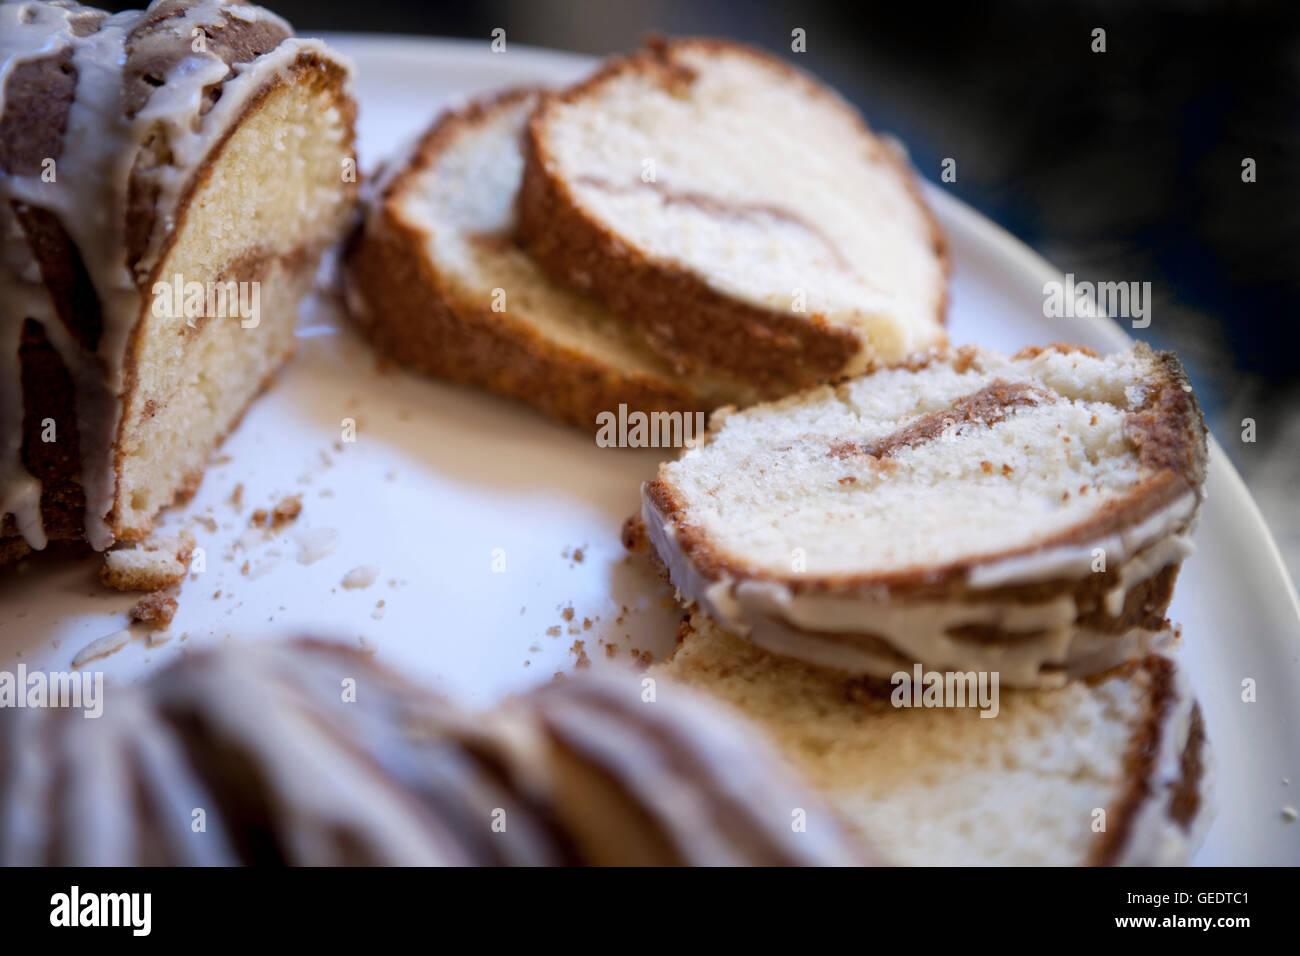 Tranches de gâteau au café La crème avec le sirop d'érable Glaze Photo Stock